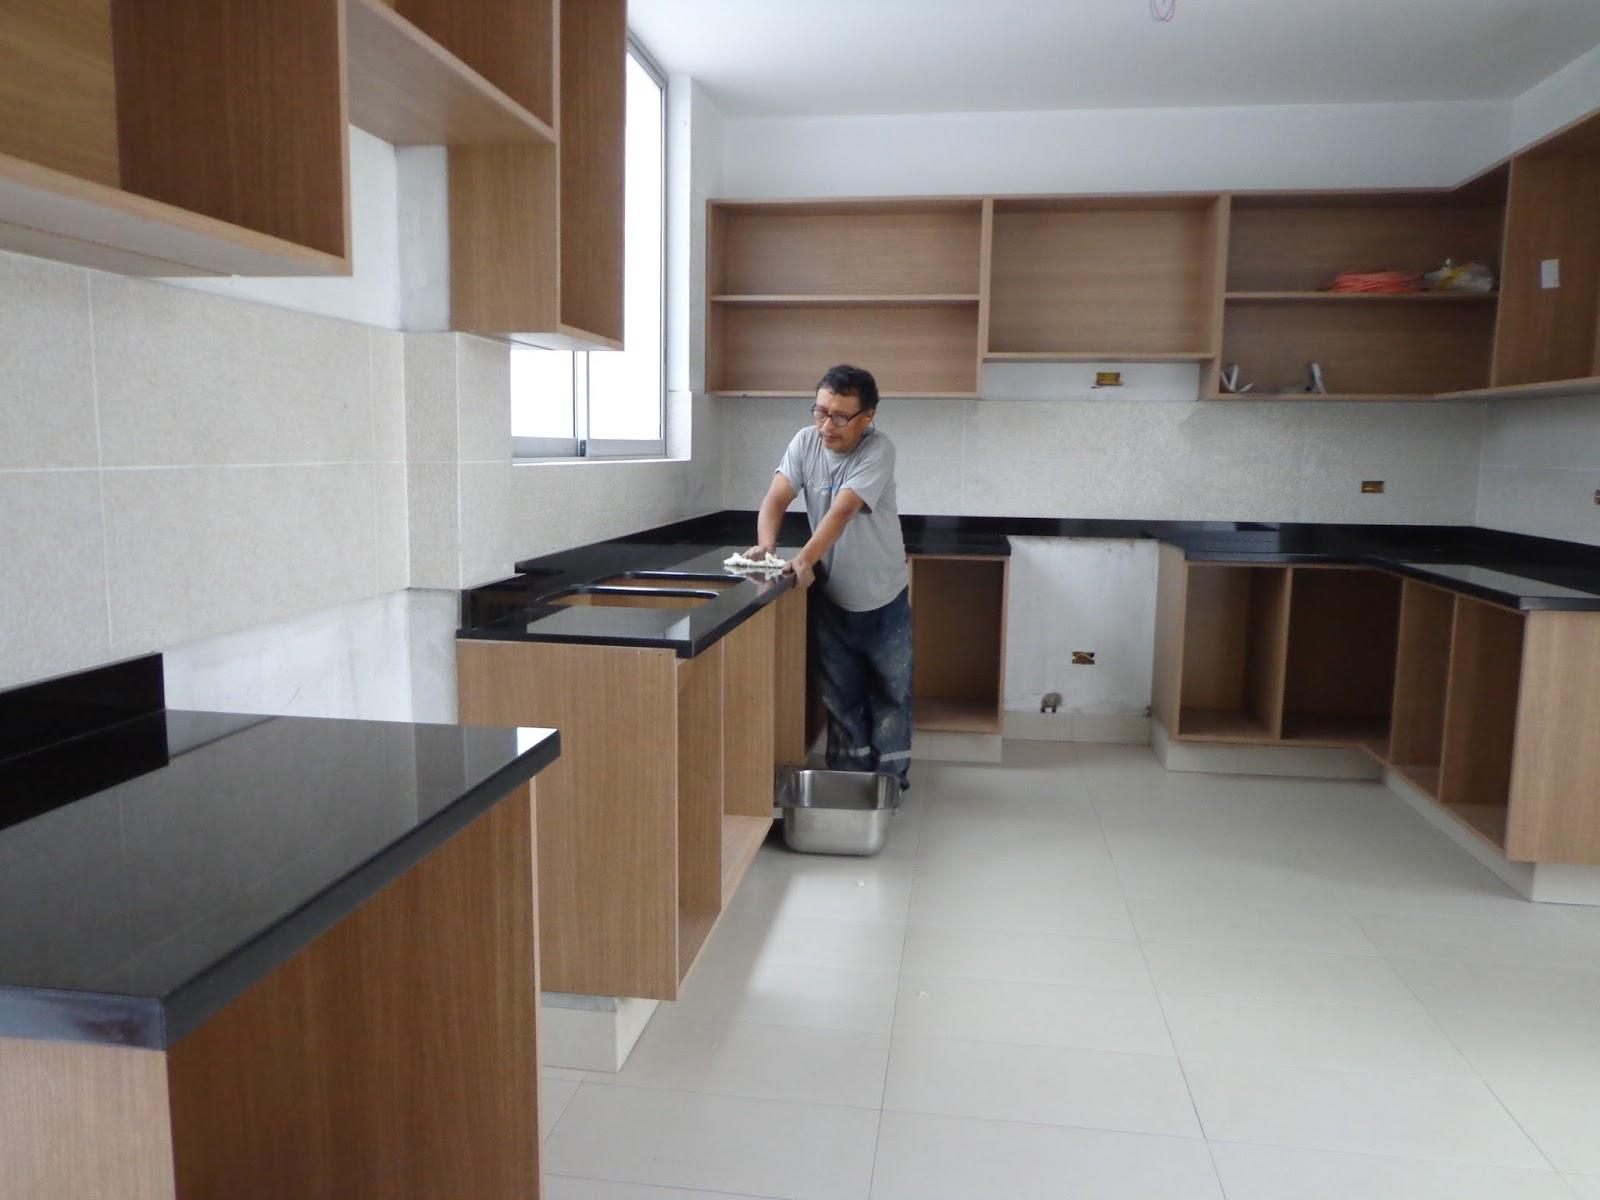 Granito o cuarzo en la encimera de su cocina 2015 for Encimera cocina marmol o granito